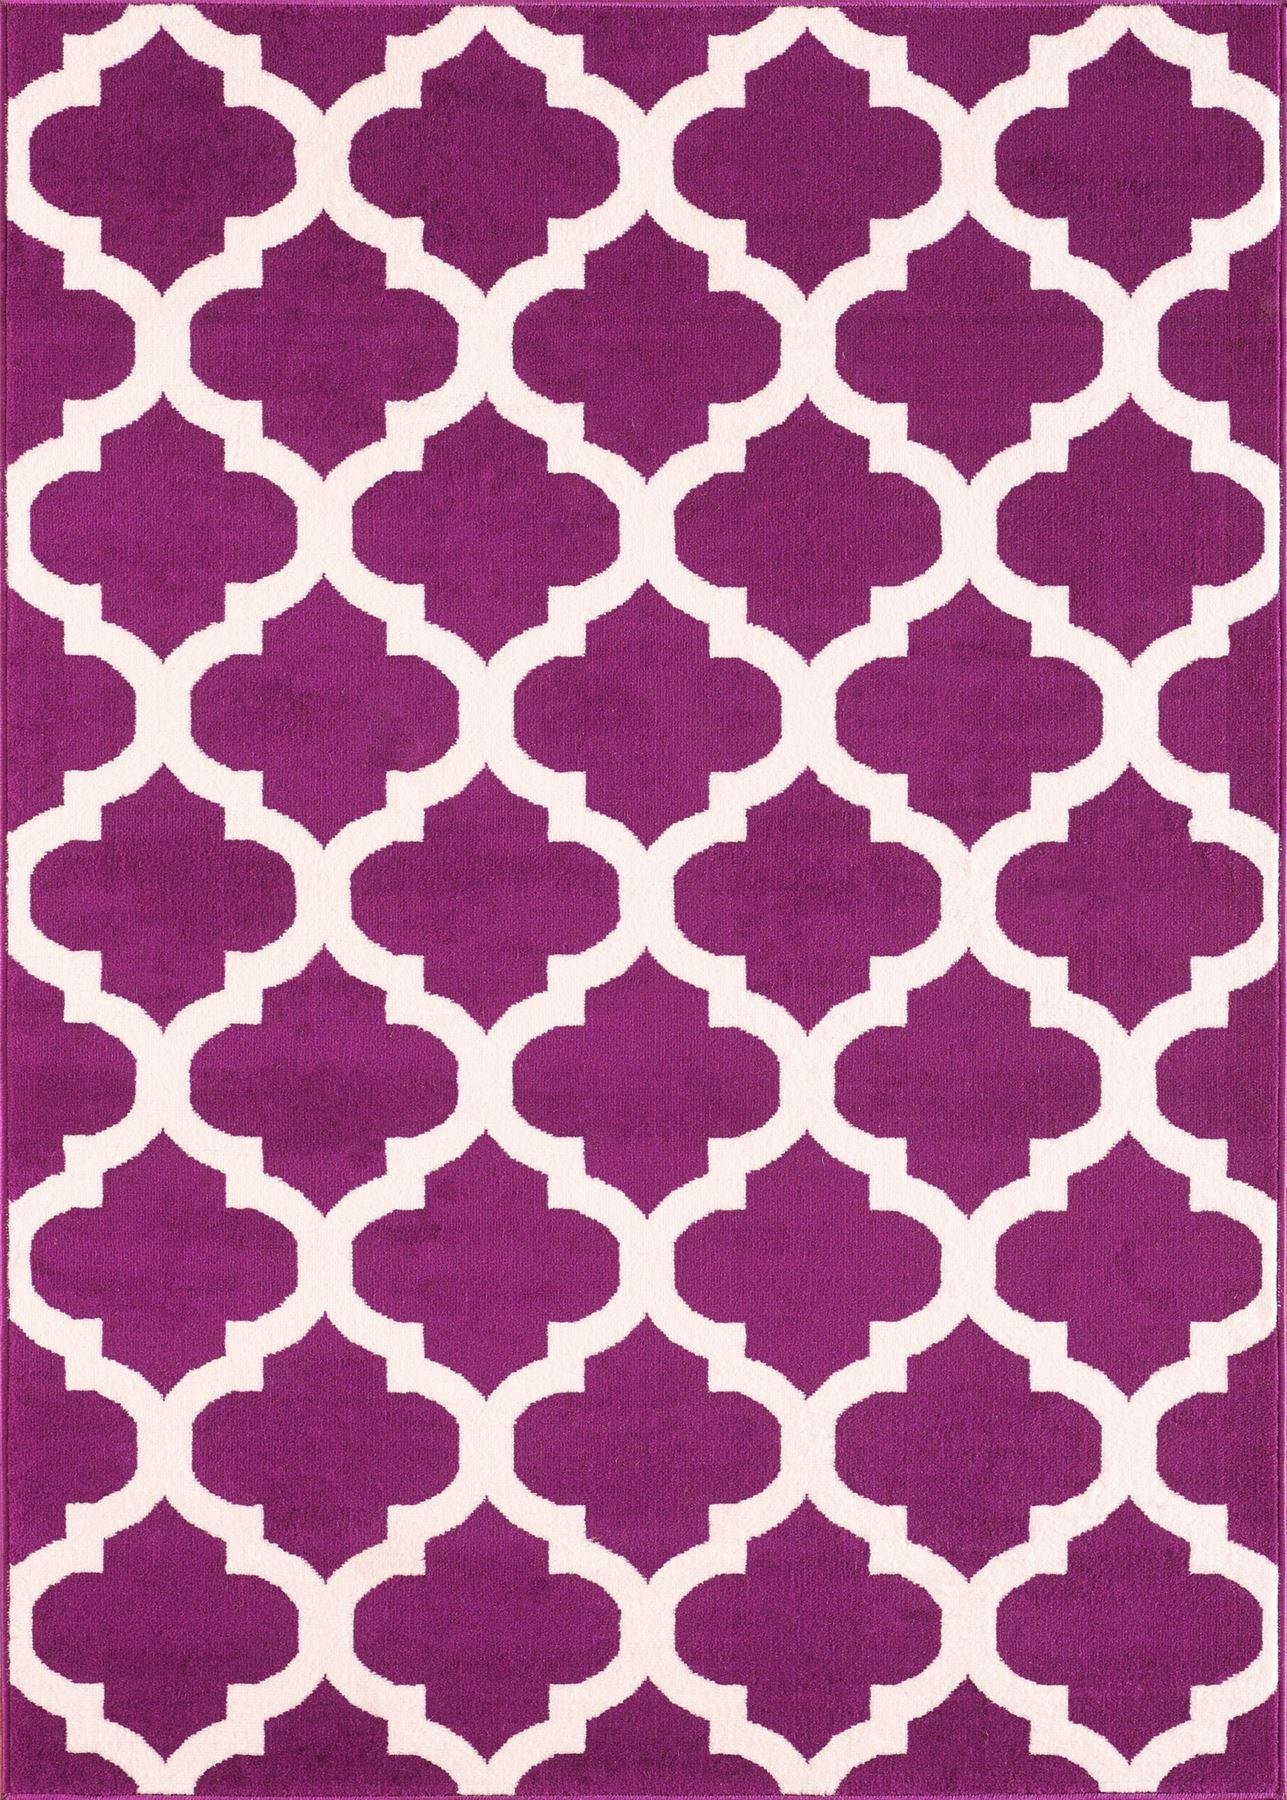 Nero-Rosso-Argento-Bianco-Viola-Moderno-Area-Tappeto-Traliccio-DESIGN-CUCINA-outdoorrug miniatura 9